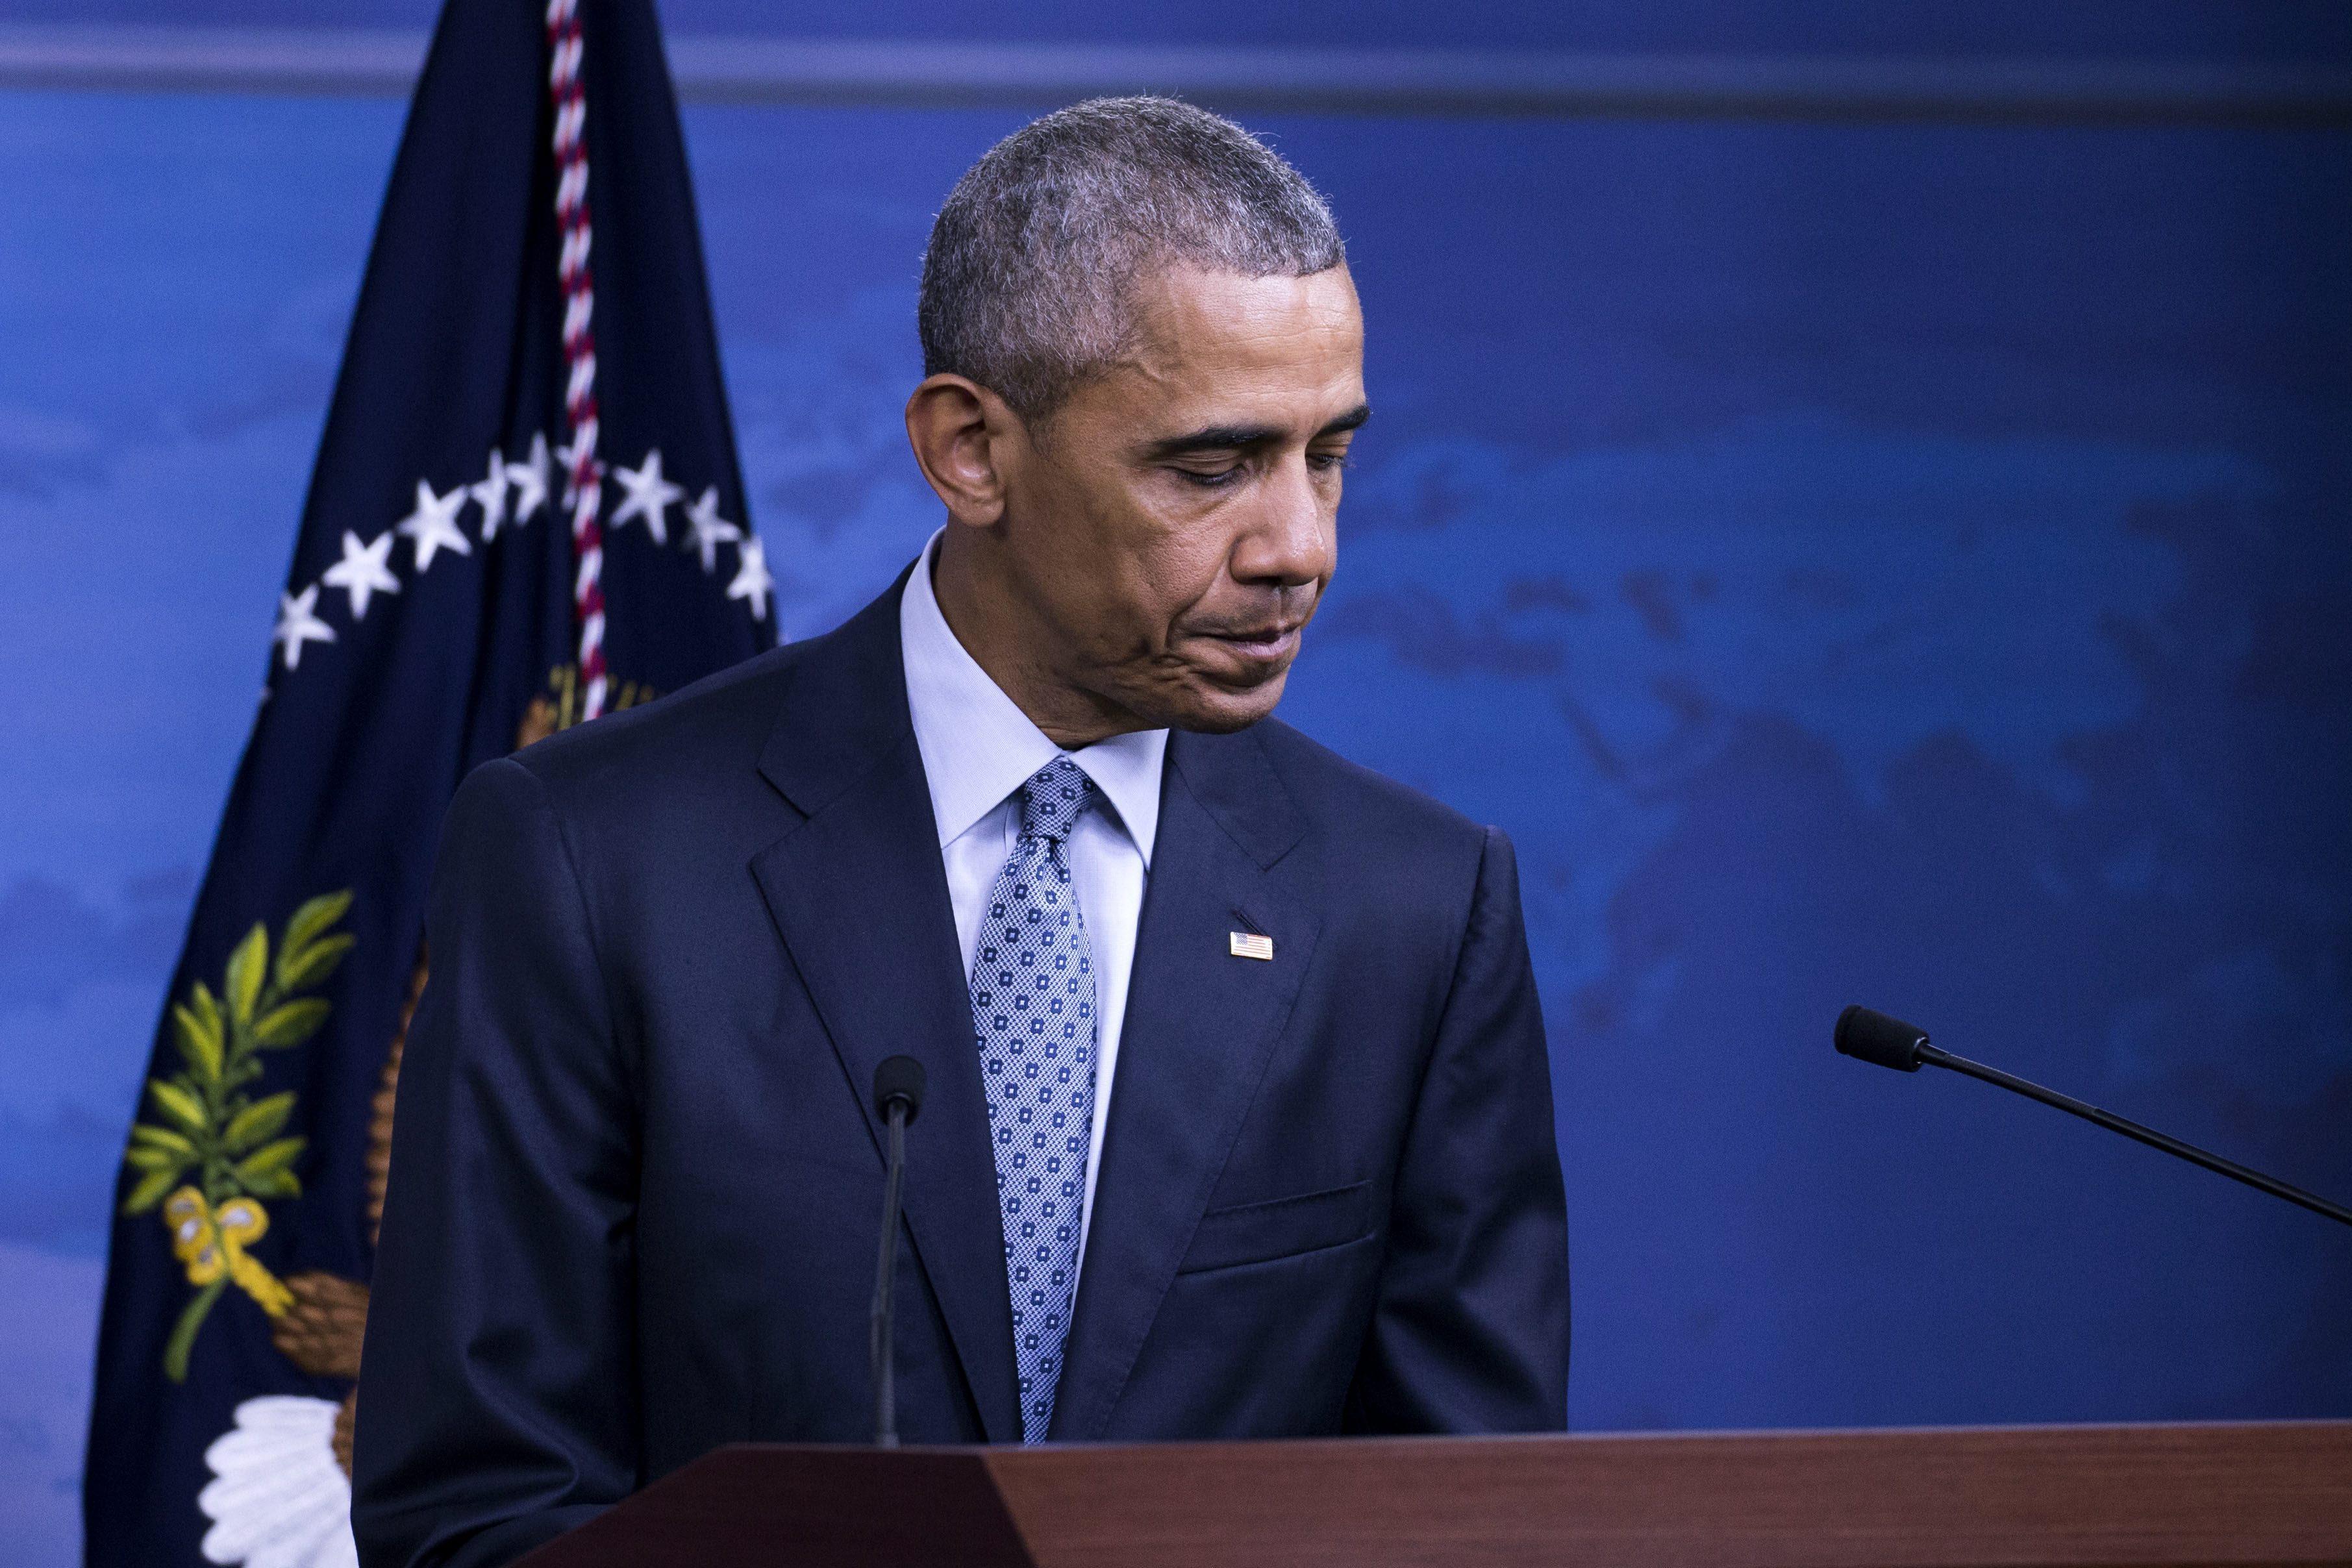 Statele Unite ale Americii si Israelul semneaza un nou acord militar pe 10 ani. Ce prevede documentul